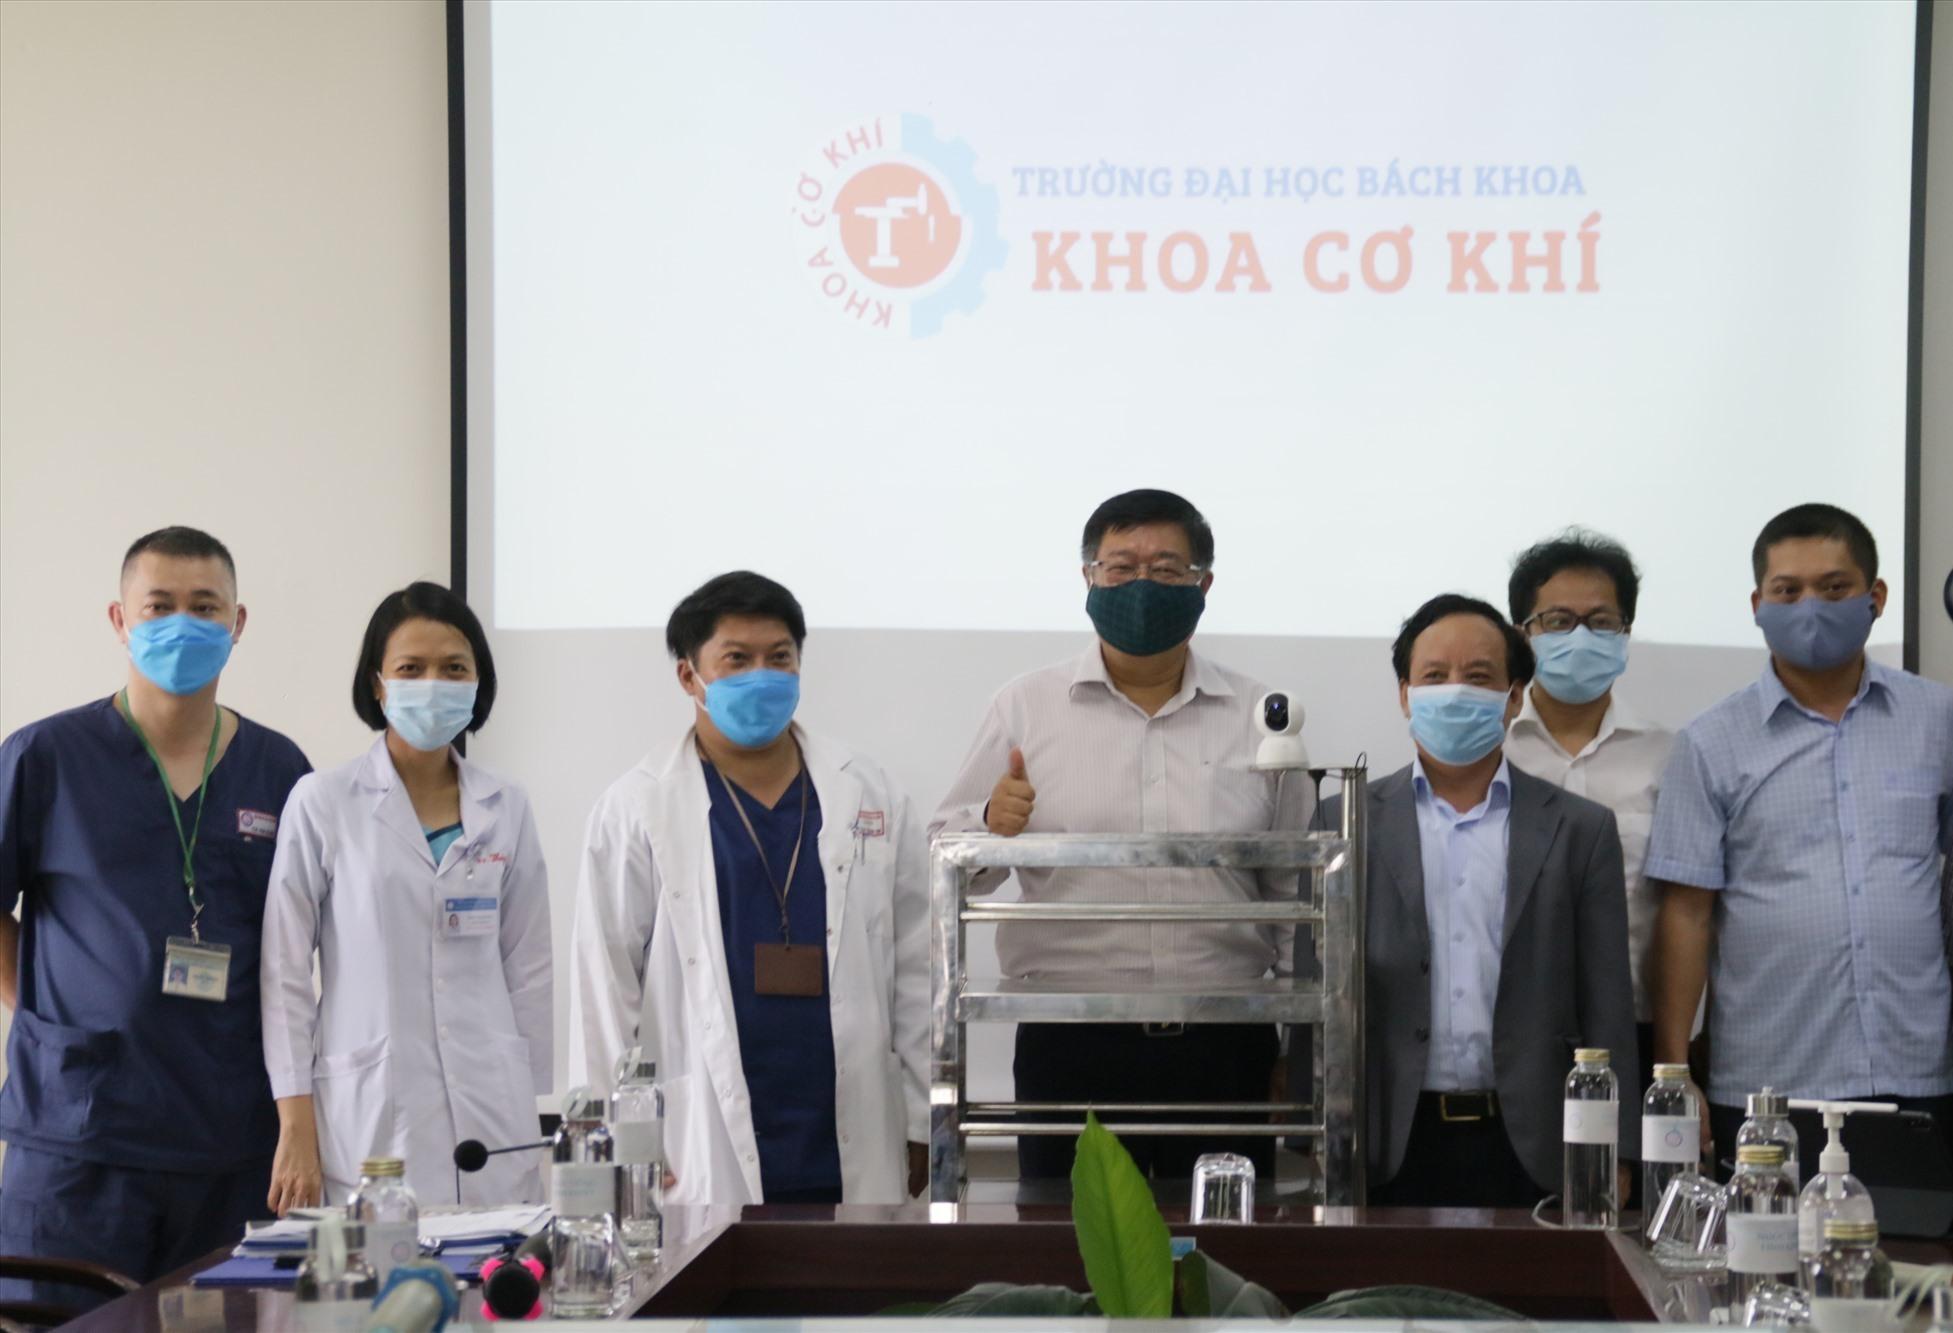 Giám đốc ĐH Đà Nẵng chứng kiến lễ bàn giao, tiếp nhận Robot của Trường ĐH Bách Khoa Đà Nẵng cho Bệnh viện Phụ Sản Nhi thành phố. Ảnh QL